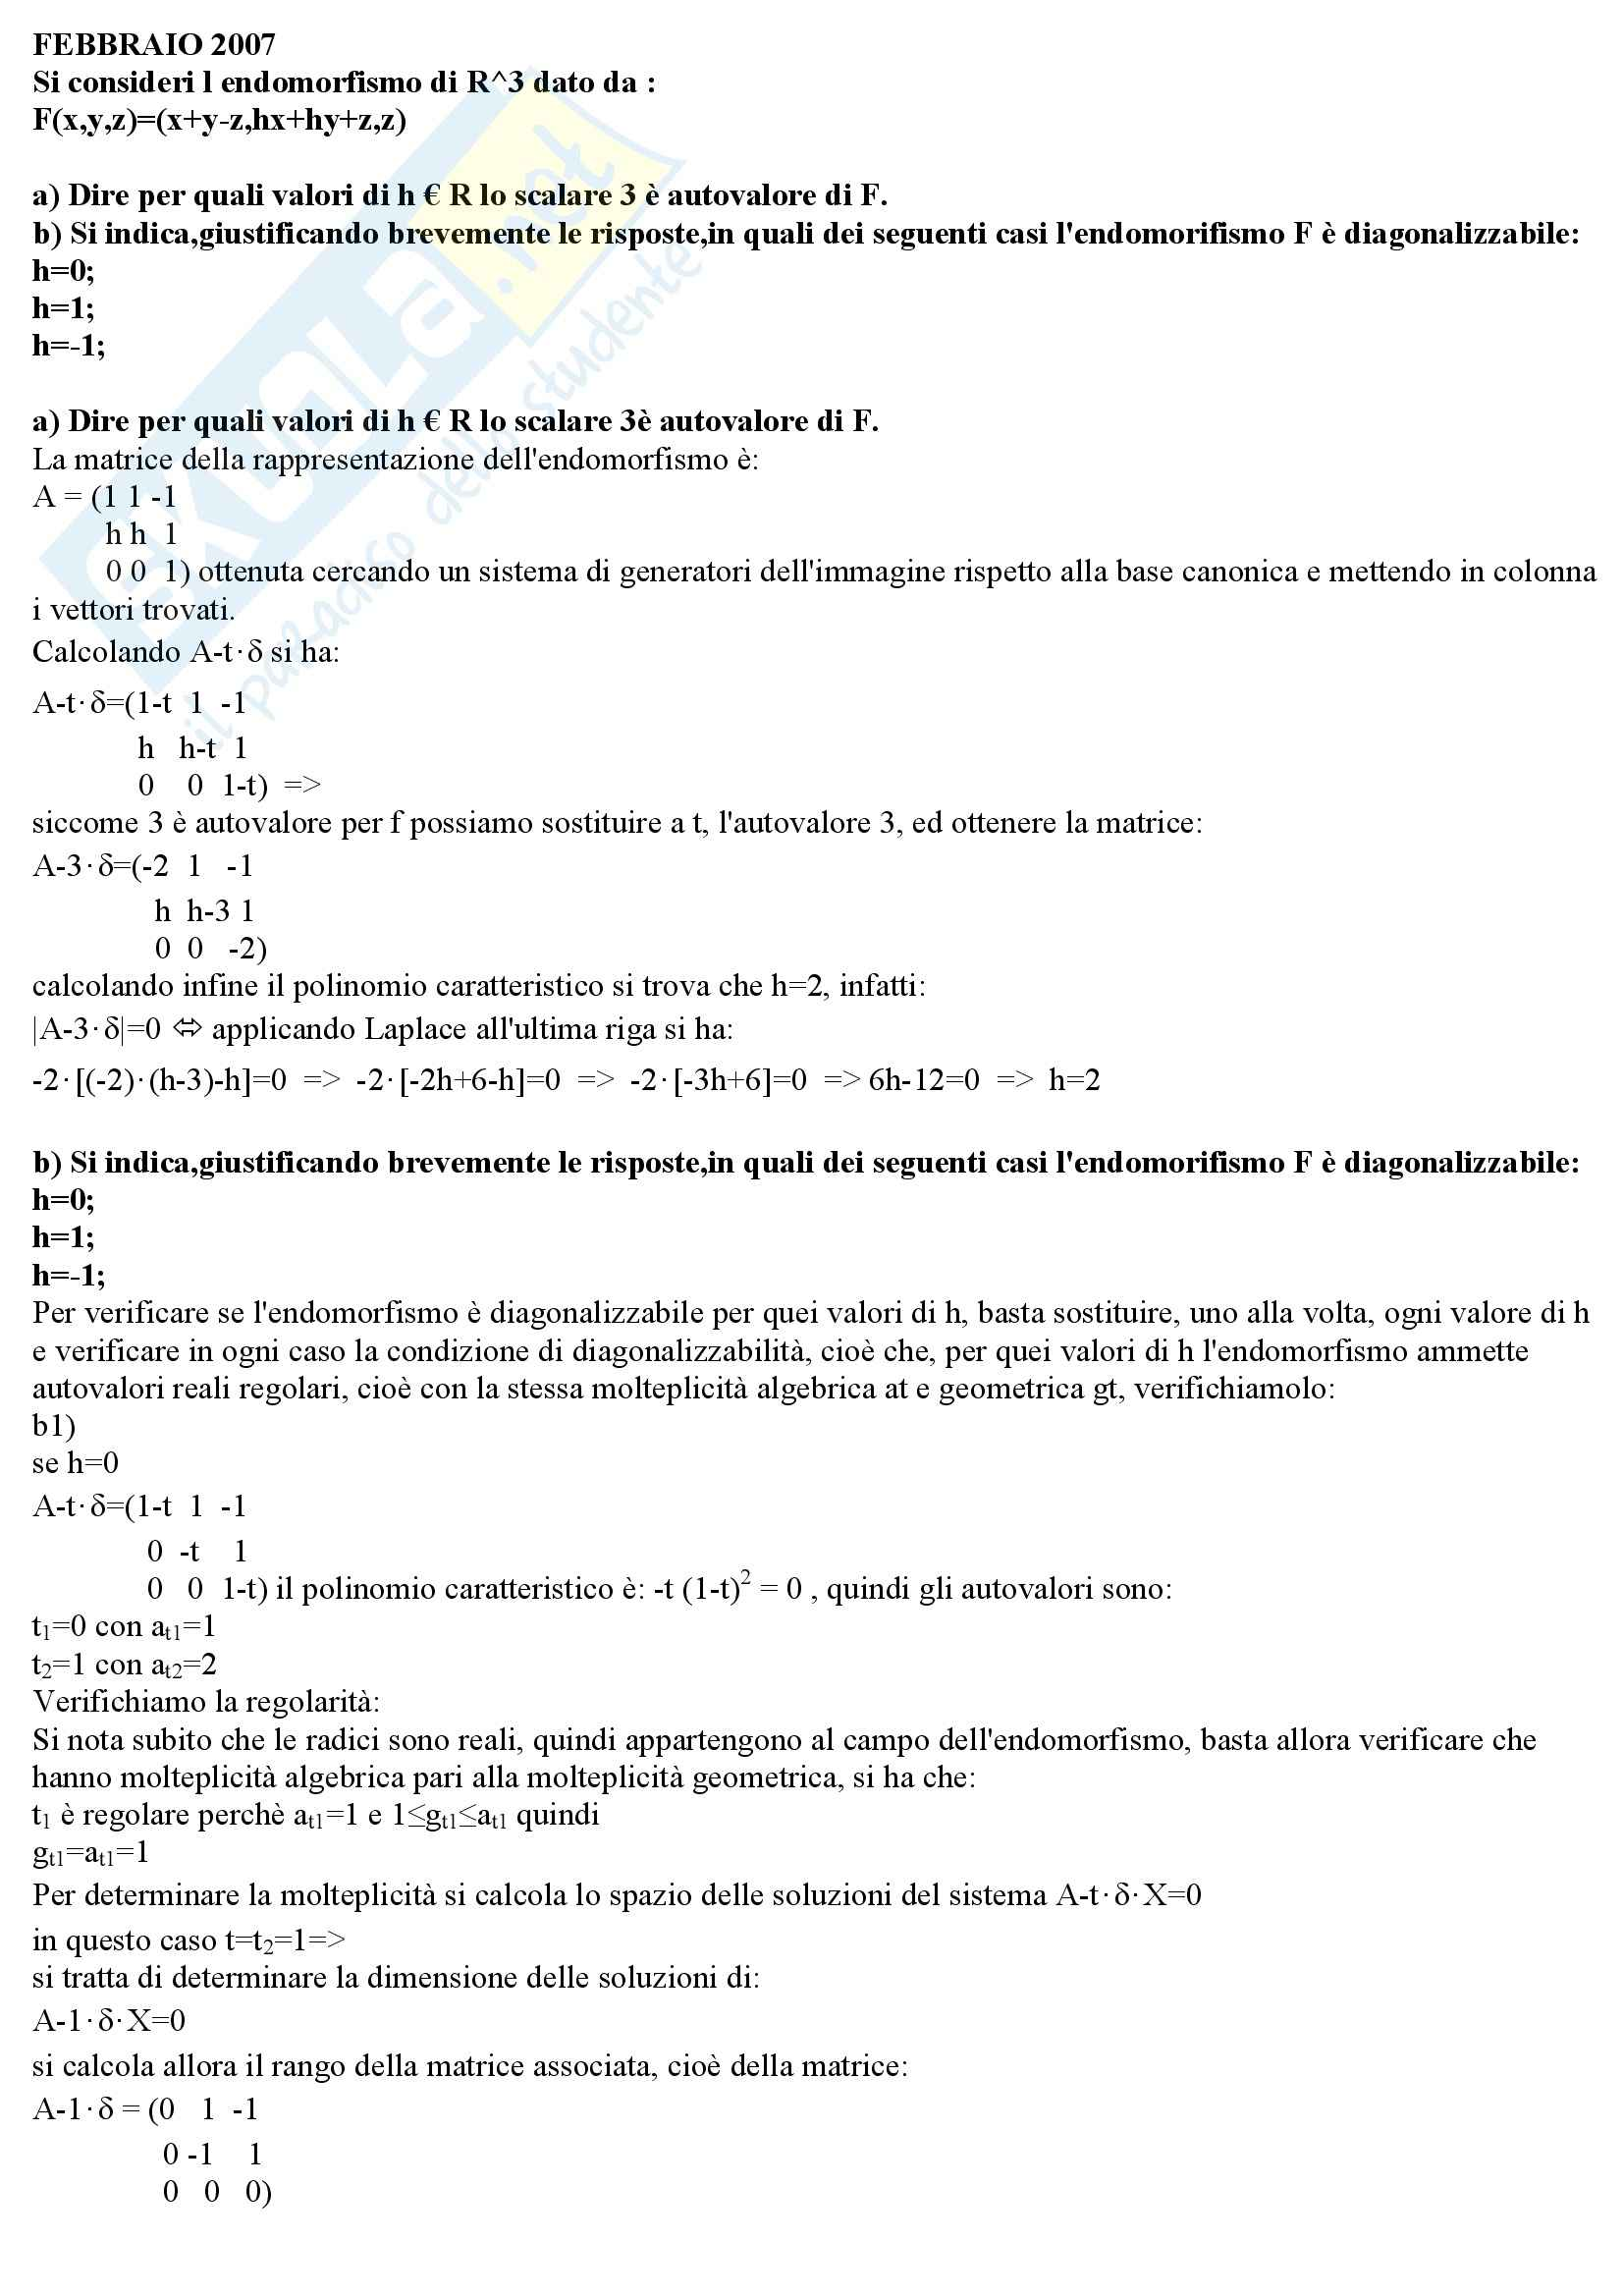 Geometria e Algebra - Endomorfismo esercizi svolti